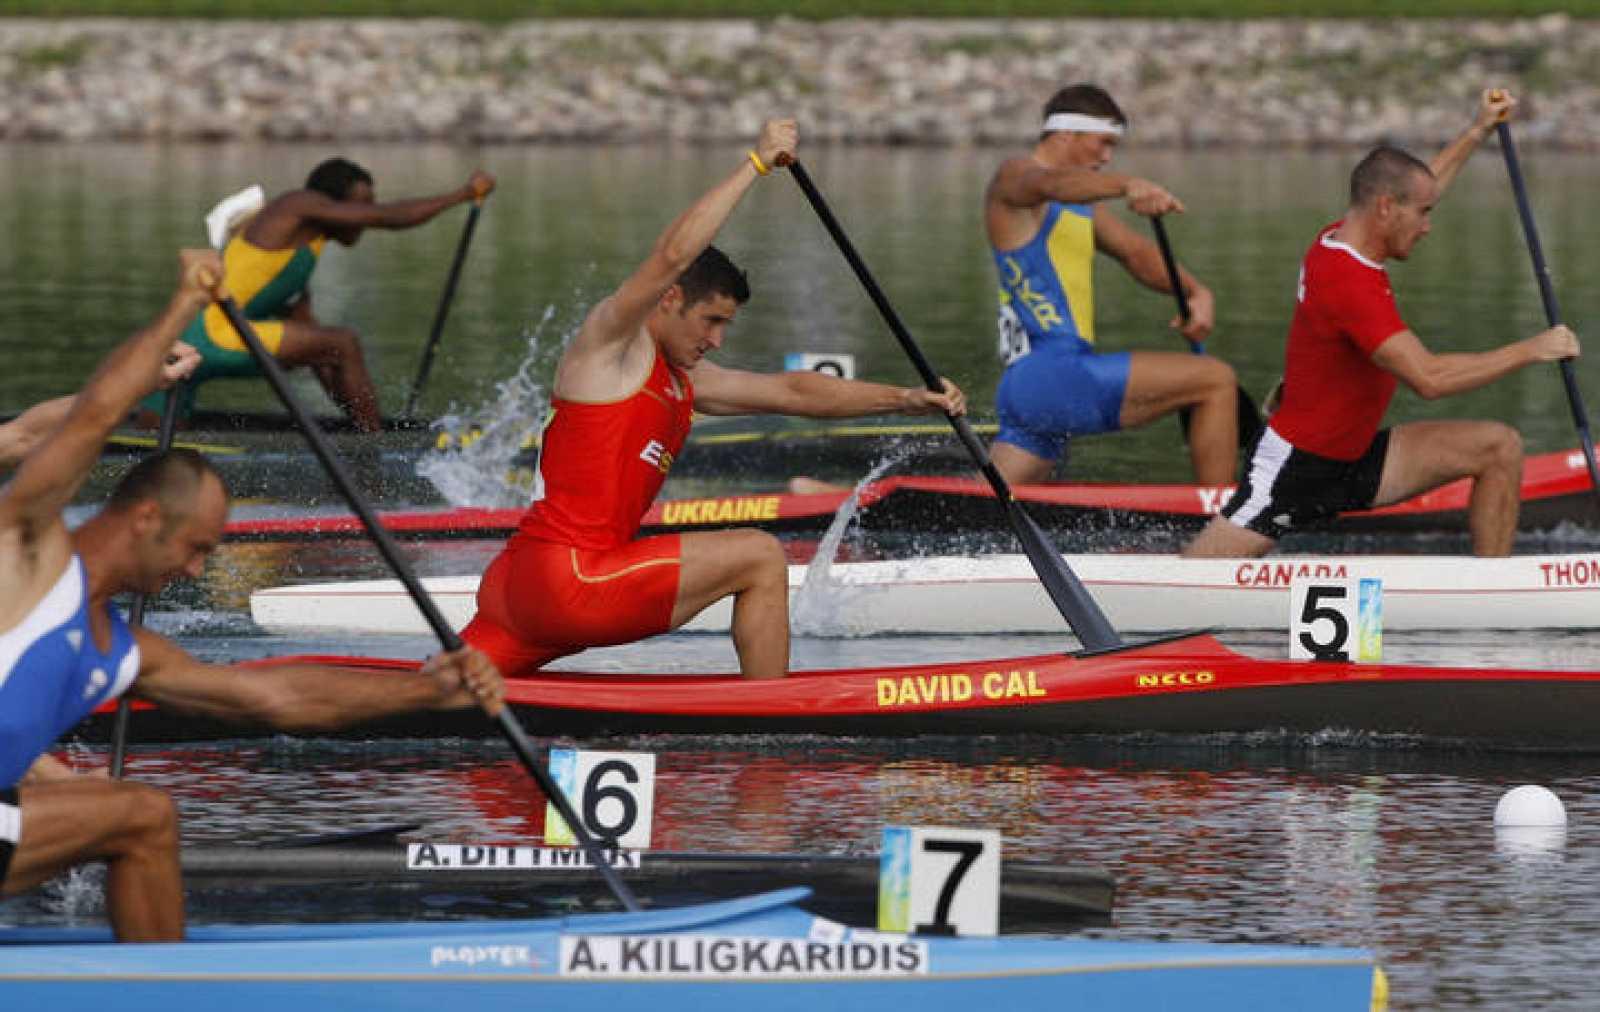 El abanderado de la delegación española, David Cal, ya está en la final de C1 1000m.